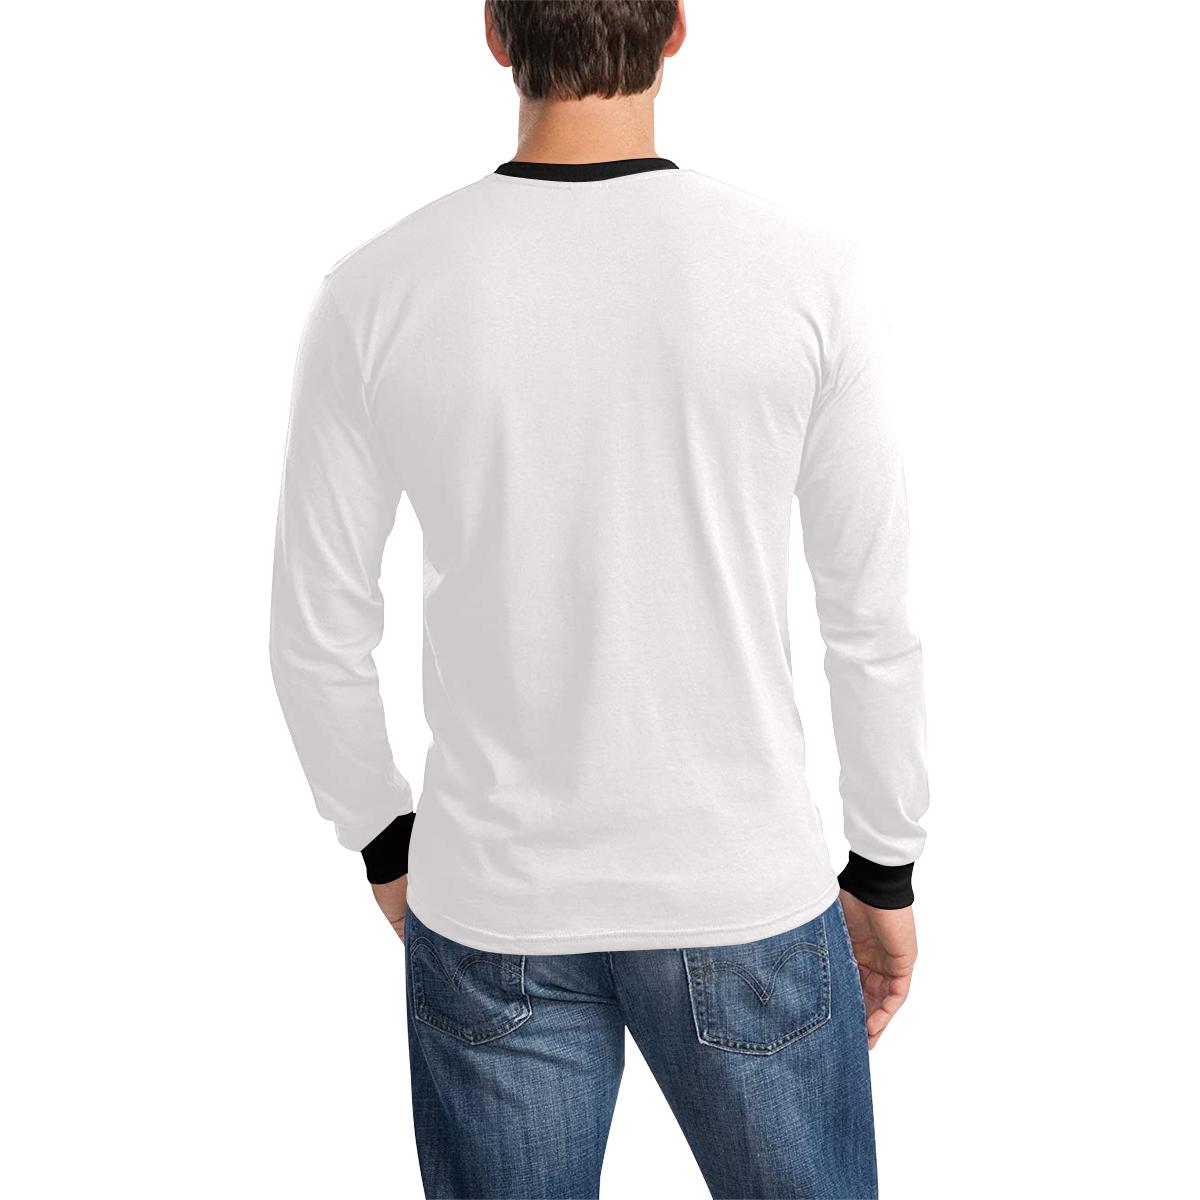 Men's All Over Print Long Sleeve T-shirt (Model T51)